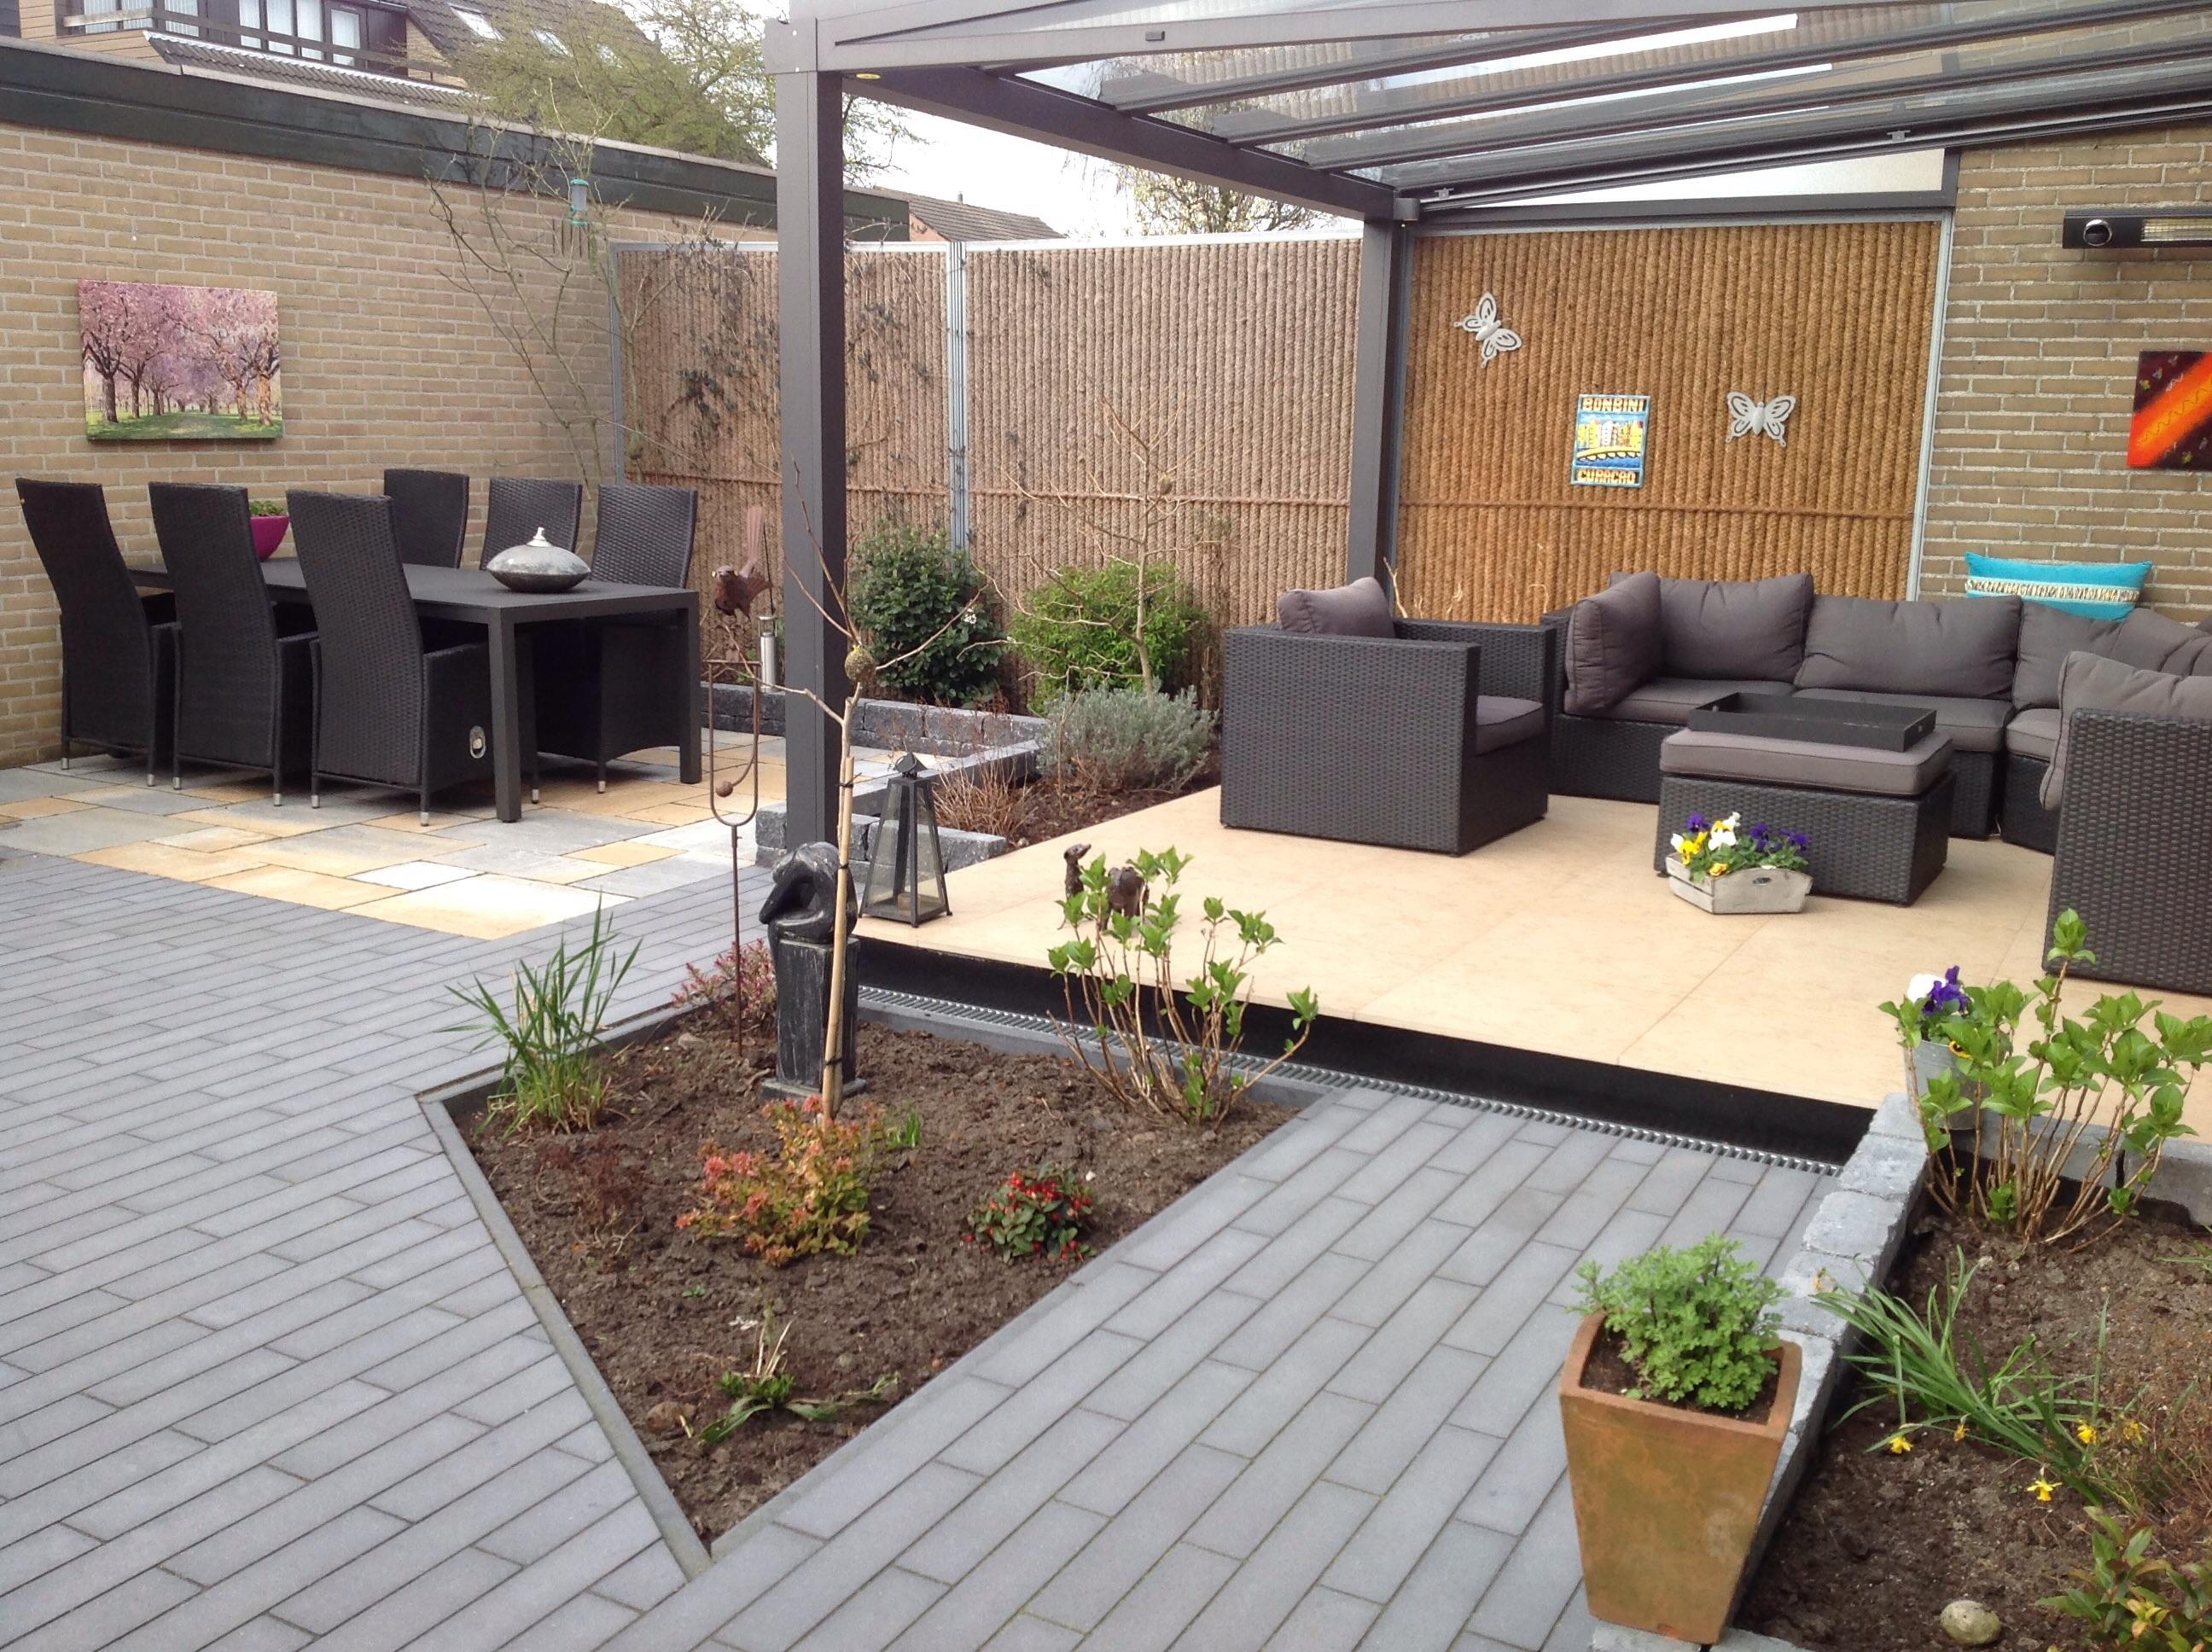 Tuin Bestraten Goedkoop : Startpunt voor uw mooiste tuin b o bestratingen en onderhoud in